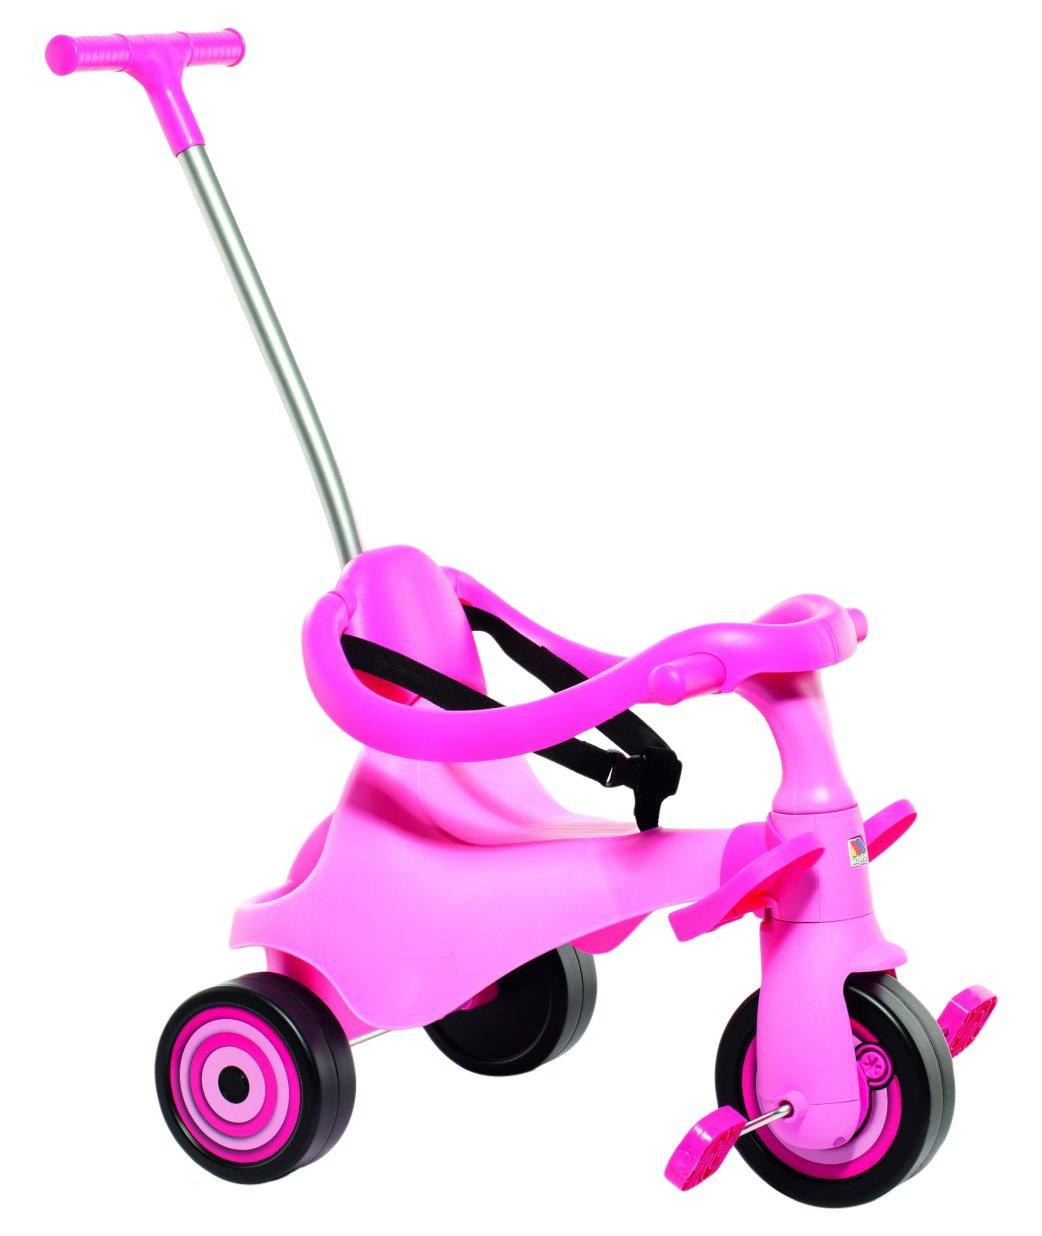 MOLTO- Triciclo Urban Trike II, Color Rosa (16218)